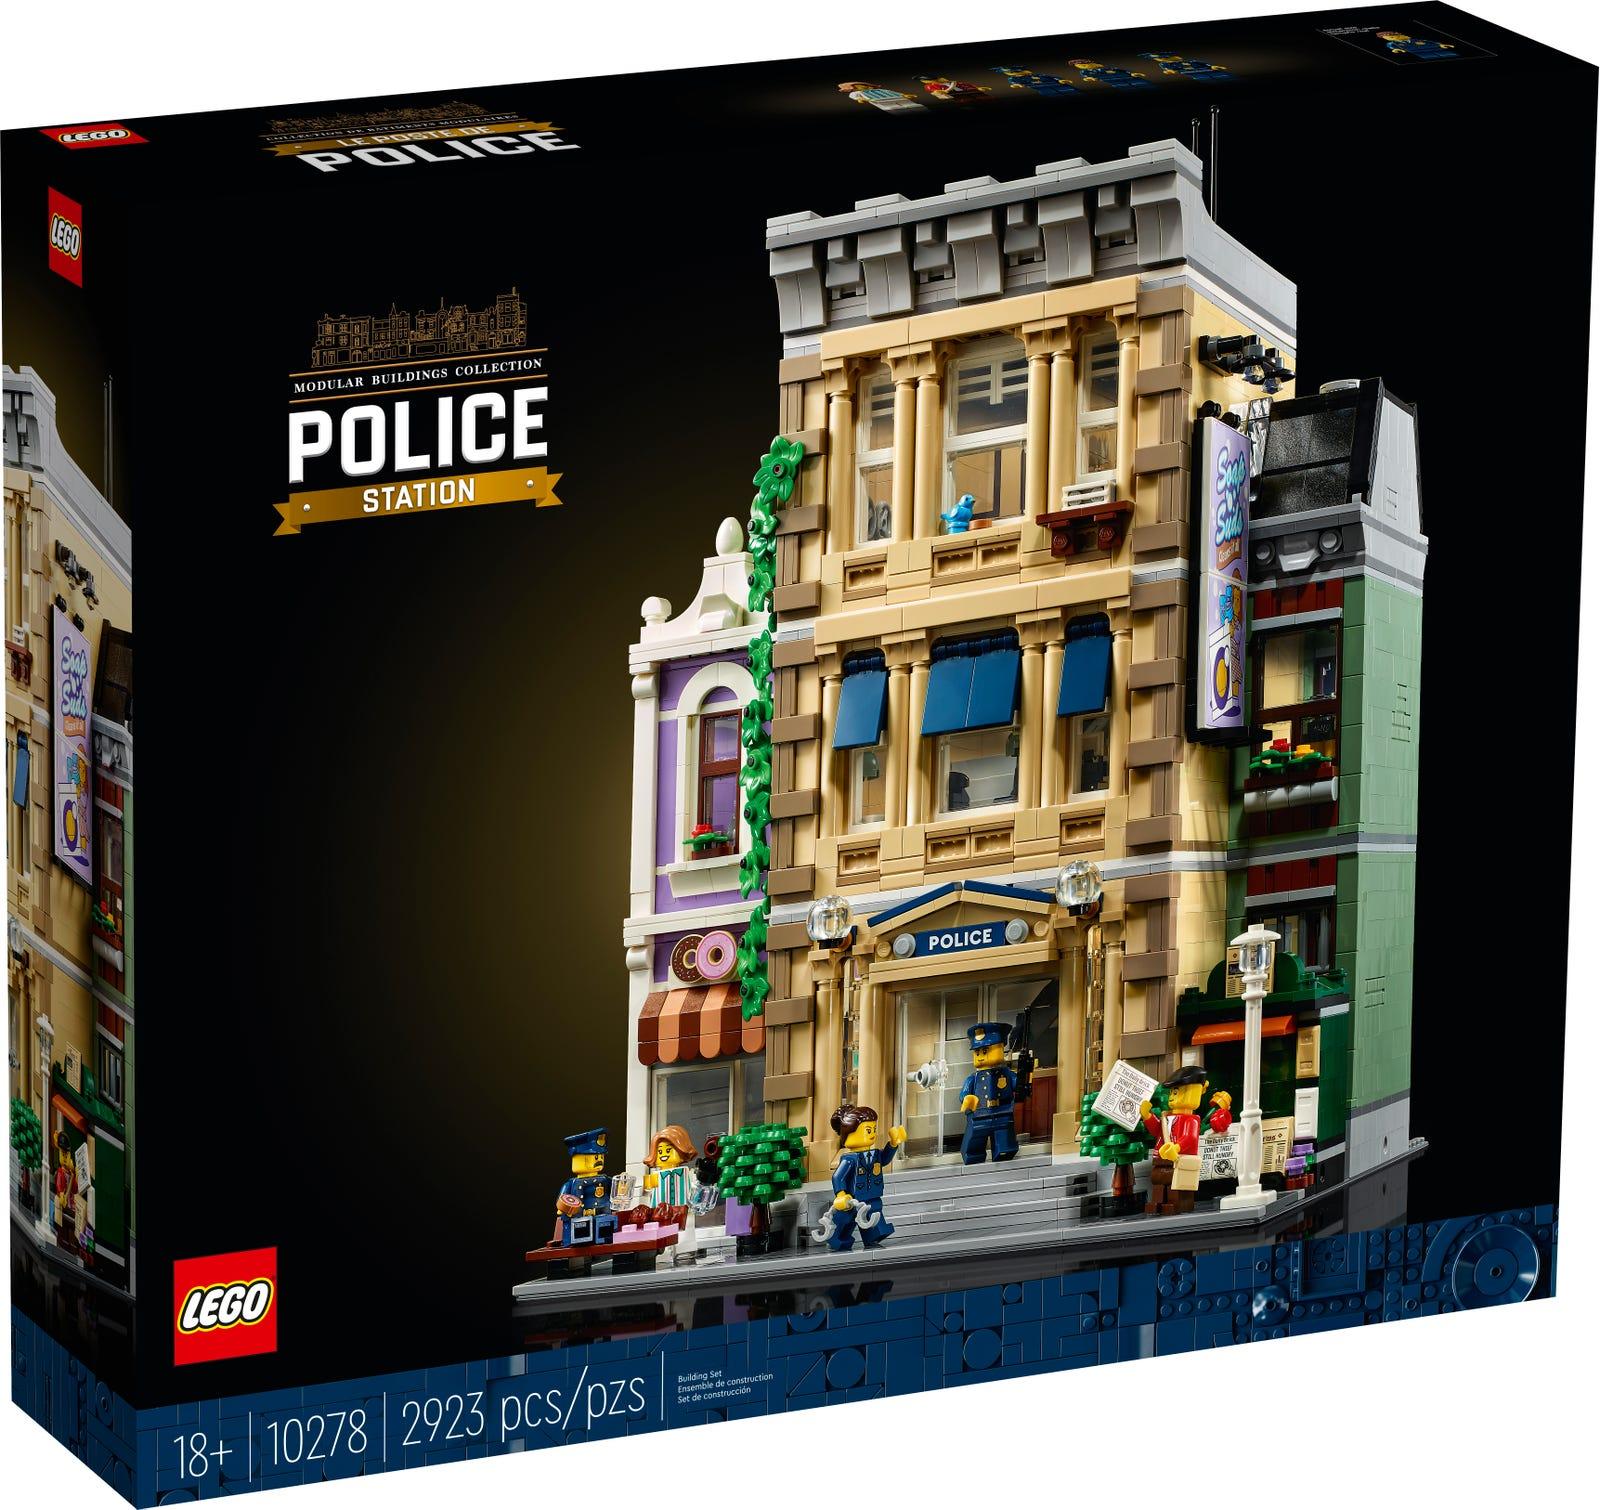 LEGO CREATOR EXPERT STAZIONE DELLA POLIZIA 10278